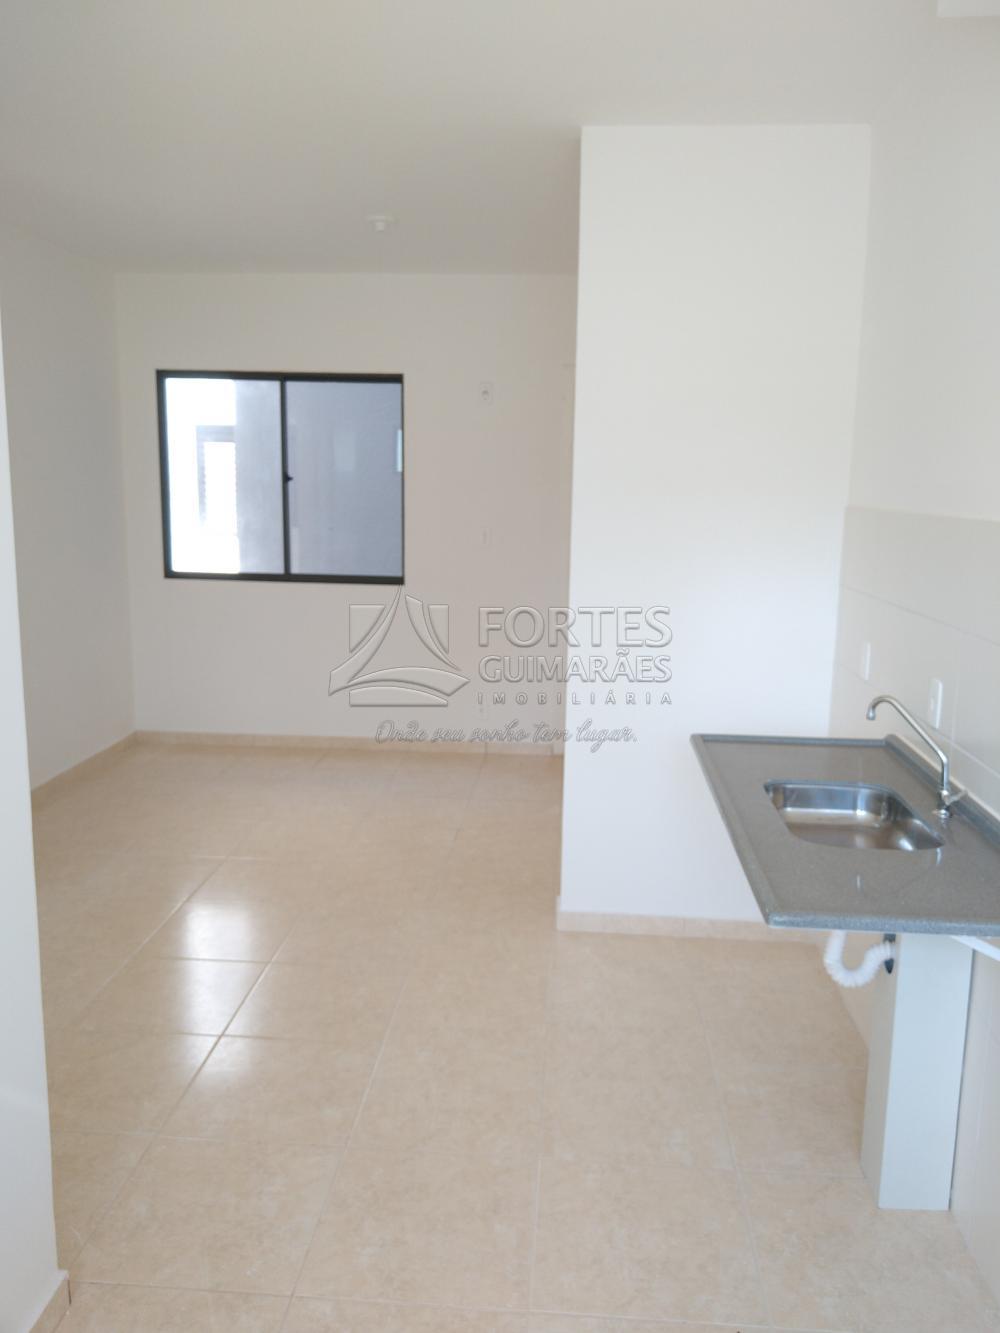 Alugar Apartamentos / Padrão em Ribeirão Preto apenas R$ 700,00 - Foto 23